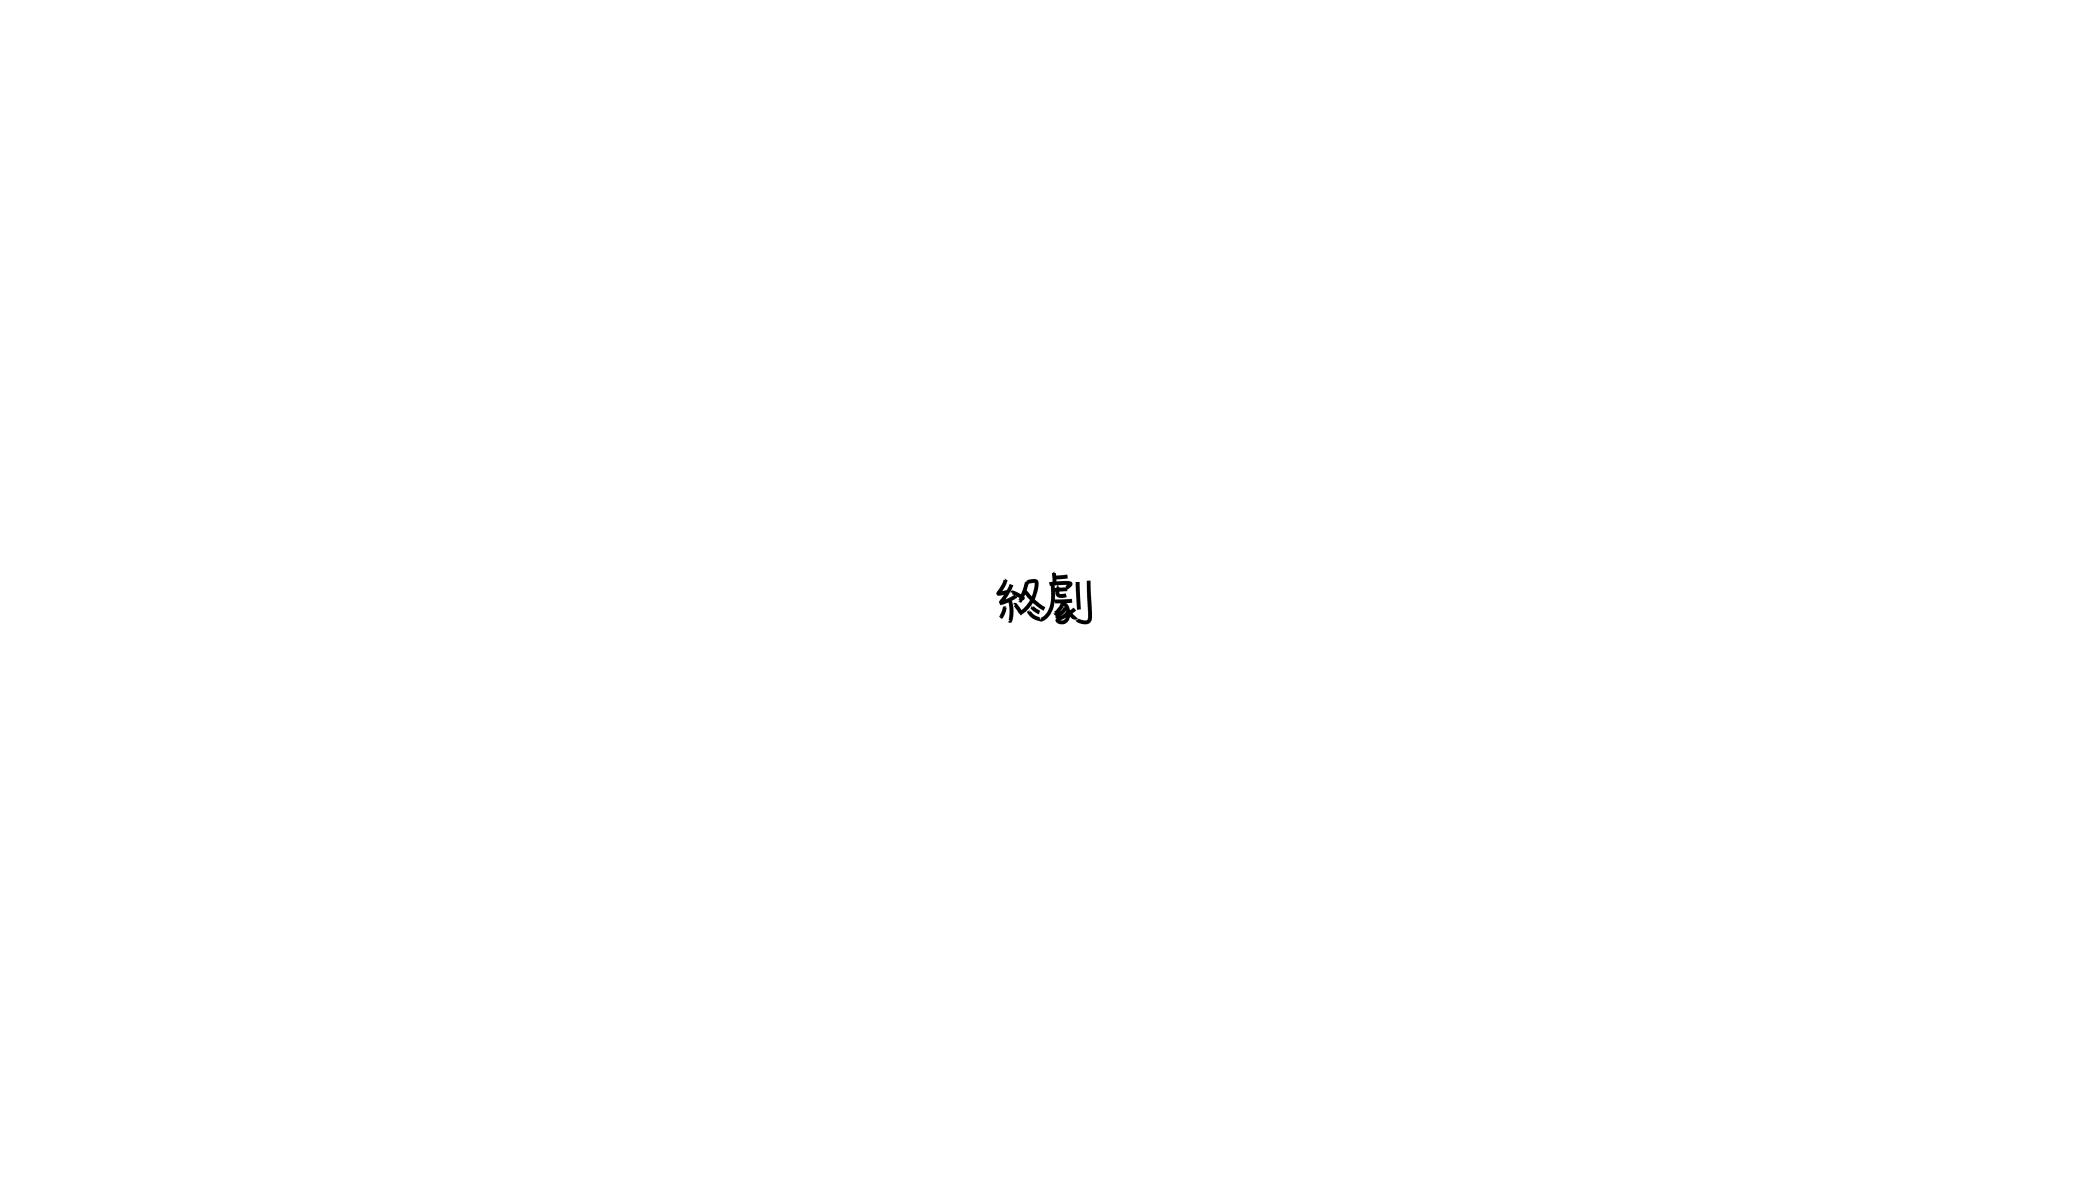 f:id:terashimaru117:20191213011606j:plain